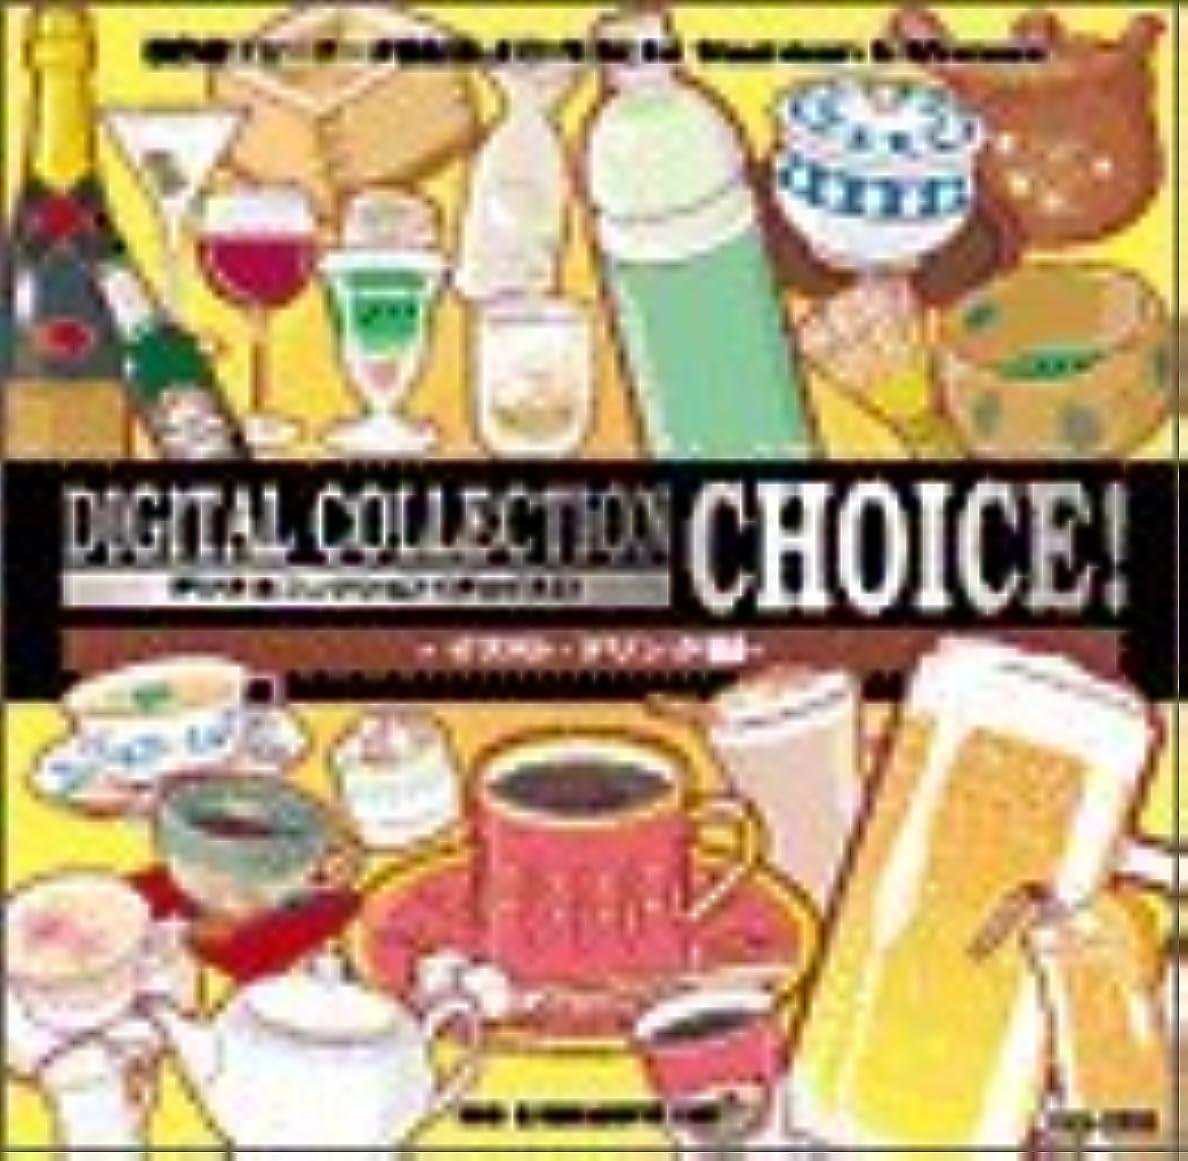 スチール期間そうでなければDigital Collection Choice! イラスト?ドリンク編